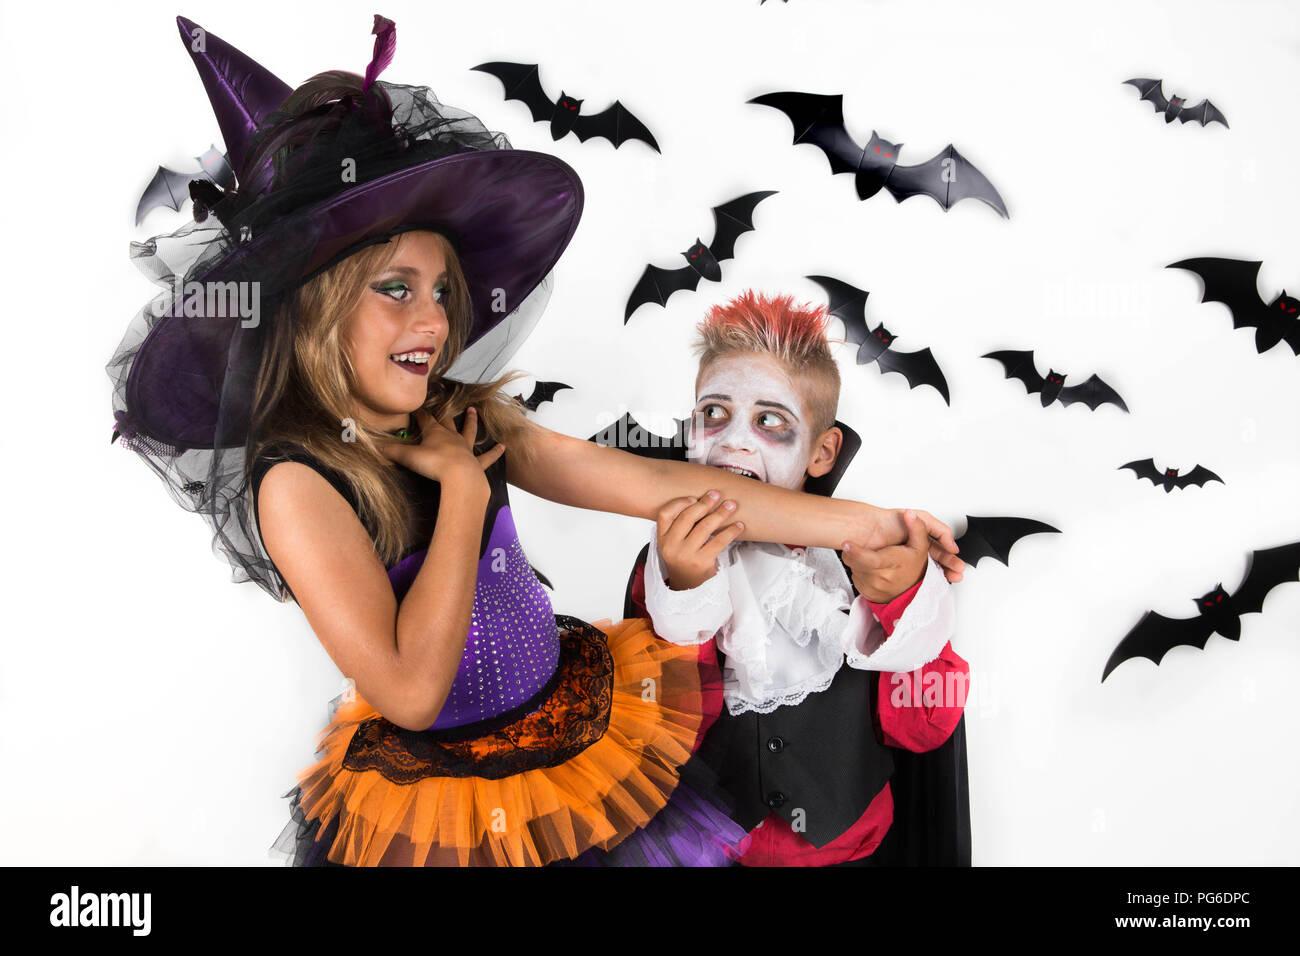 Bambini festeggiare Halloween in costume di strega e vampiro. Vampire finge di morso della strega e braccio sorride in risposta. Immagini Stock